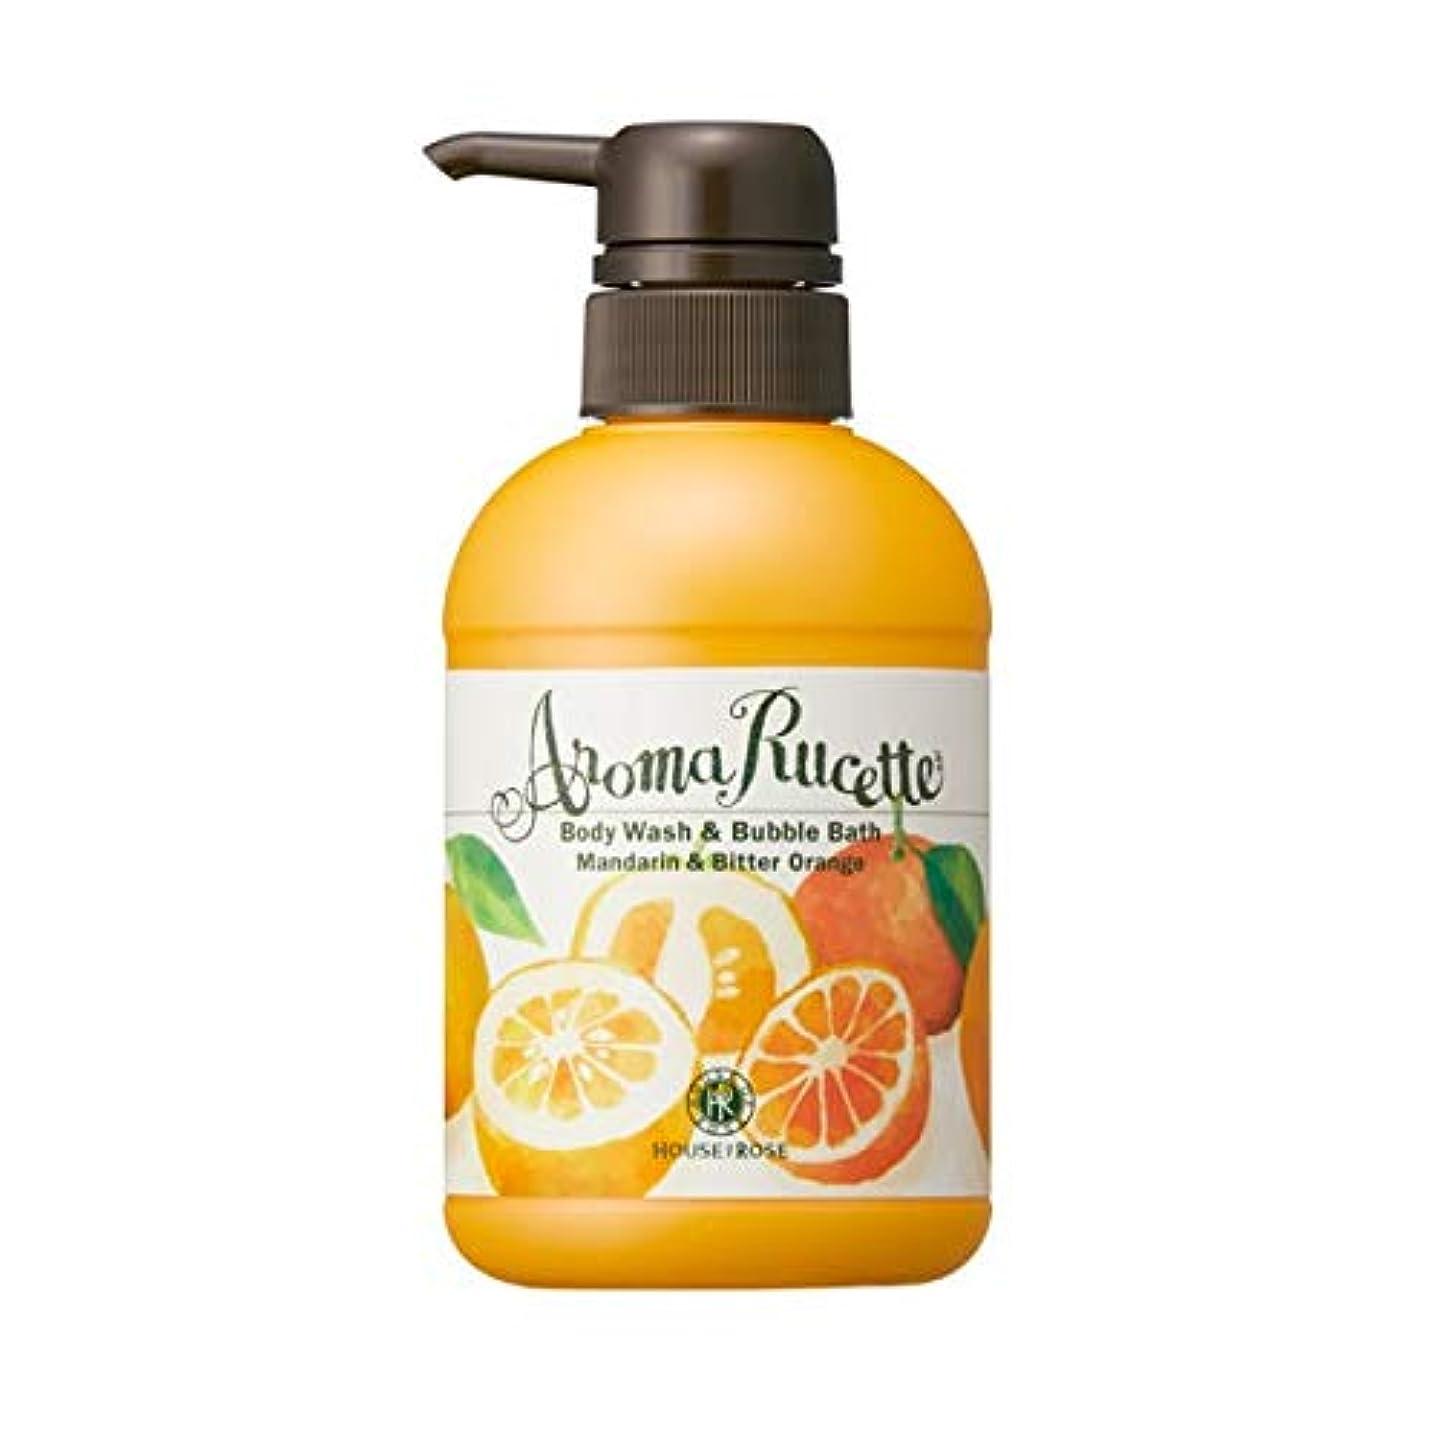 翻訳する起きる暖かくHOUSE OF ROSE(ハウスオブローゼ) ハウスオブローゼ/アロマルセット ボディウォッシュ&バブルバス MD&BO(マンダリン&ビターオレンジの香り)350mL